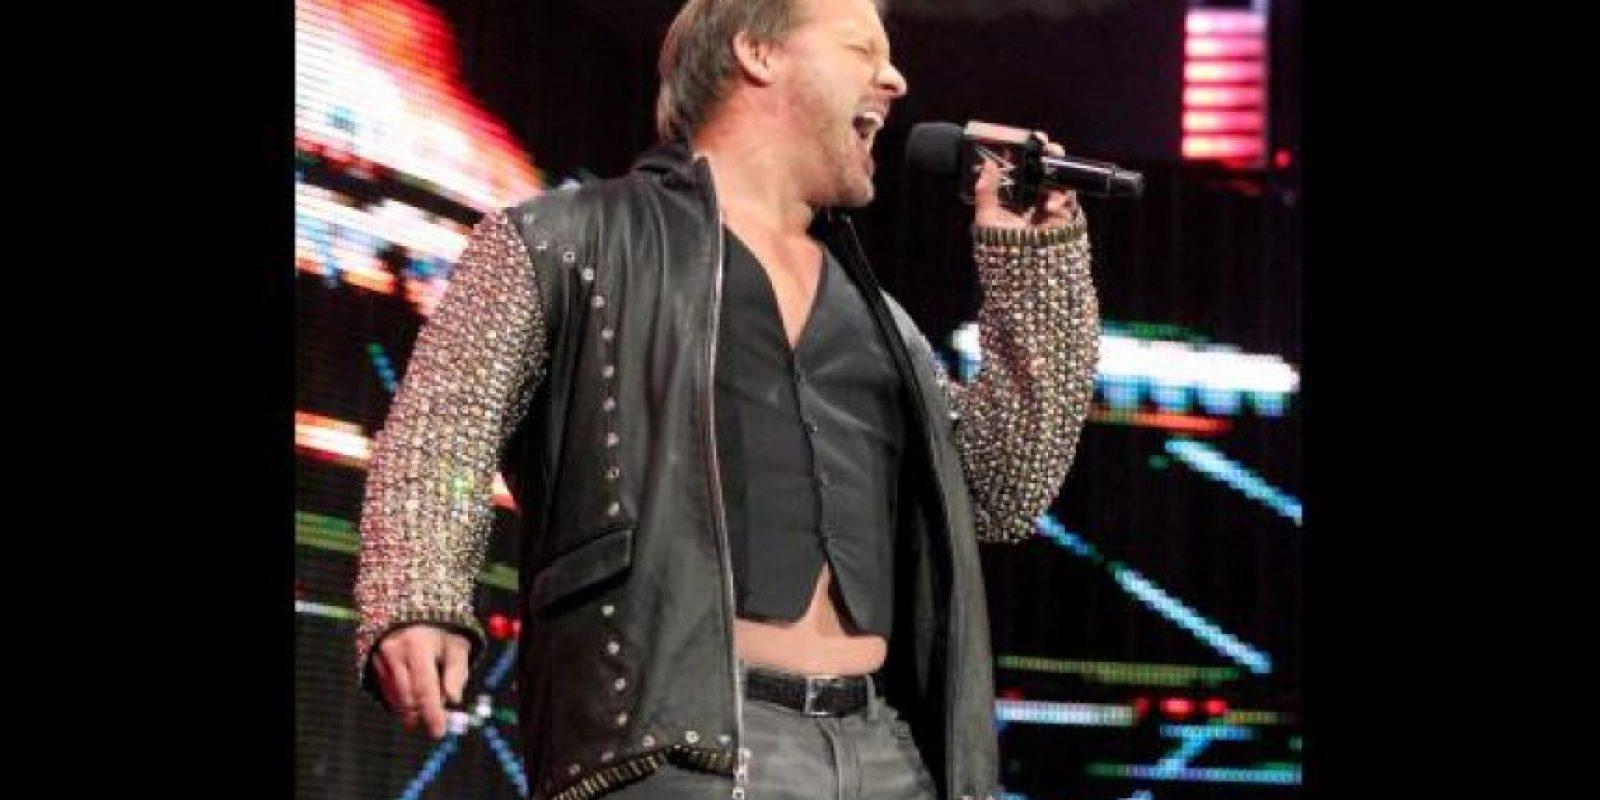 Tiene 45 años y es famoso por ser una de las estrellas de la WWE. Foto:WWE